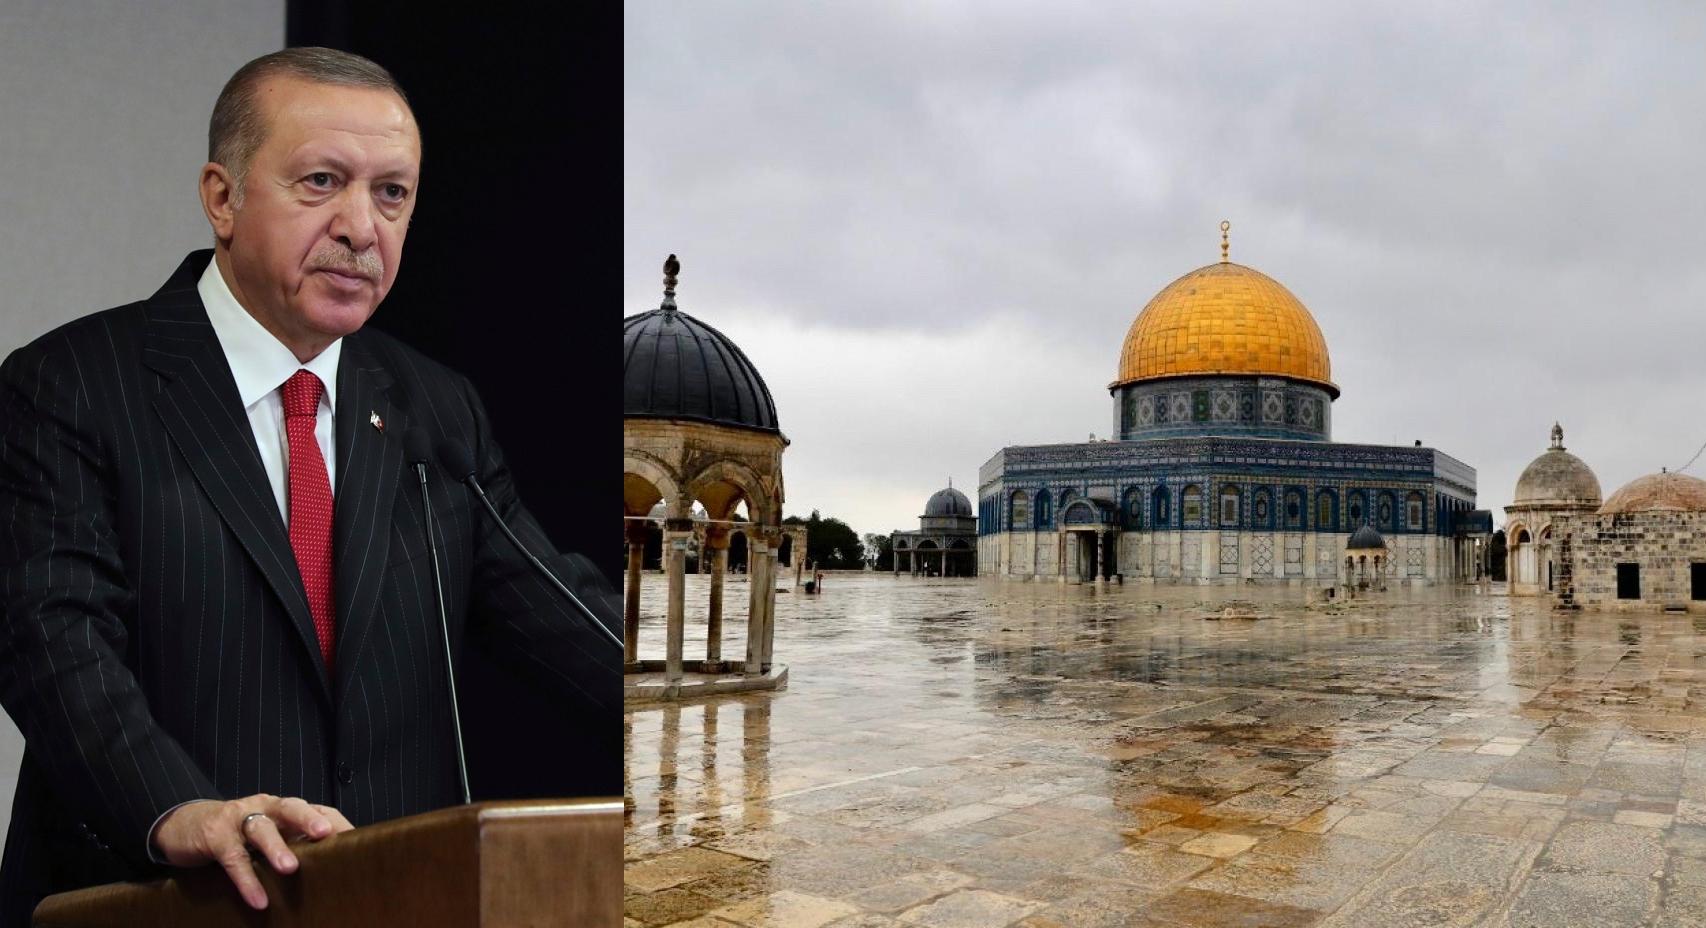 صورة القدس شرف الأمة الإسلامية سندافع عنها بأرواحنا.. أردوغان يطلق تصريحات نـ.ـارية